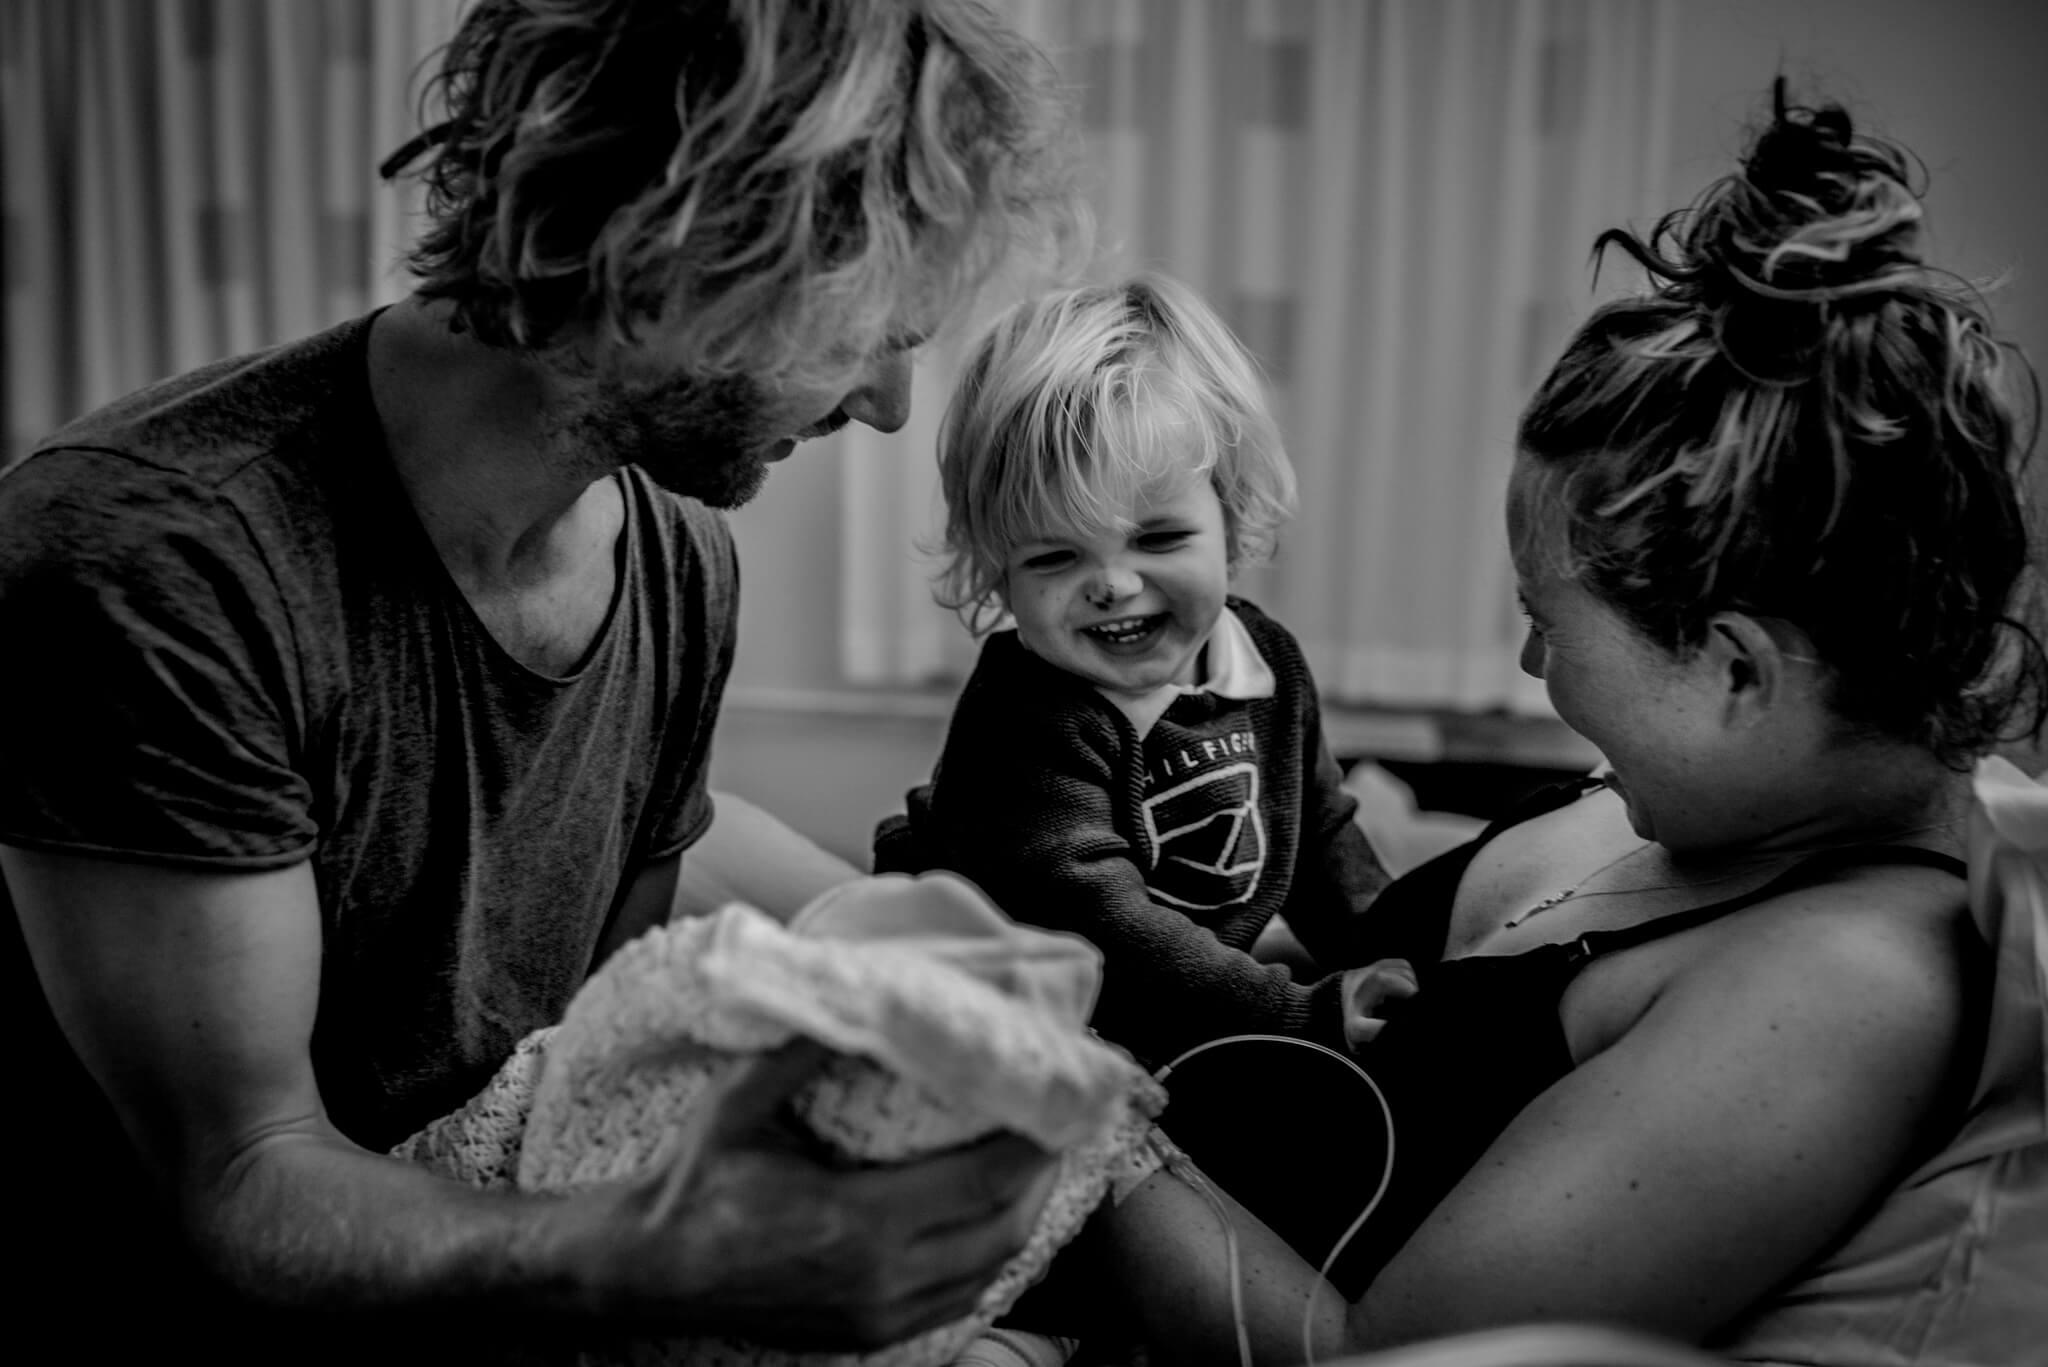 geboortefotografie Nijmegen Birth Day geboortefotografie Cindy Willems geboortefotograaf